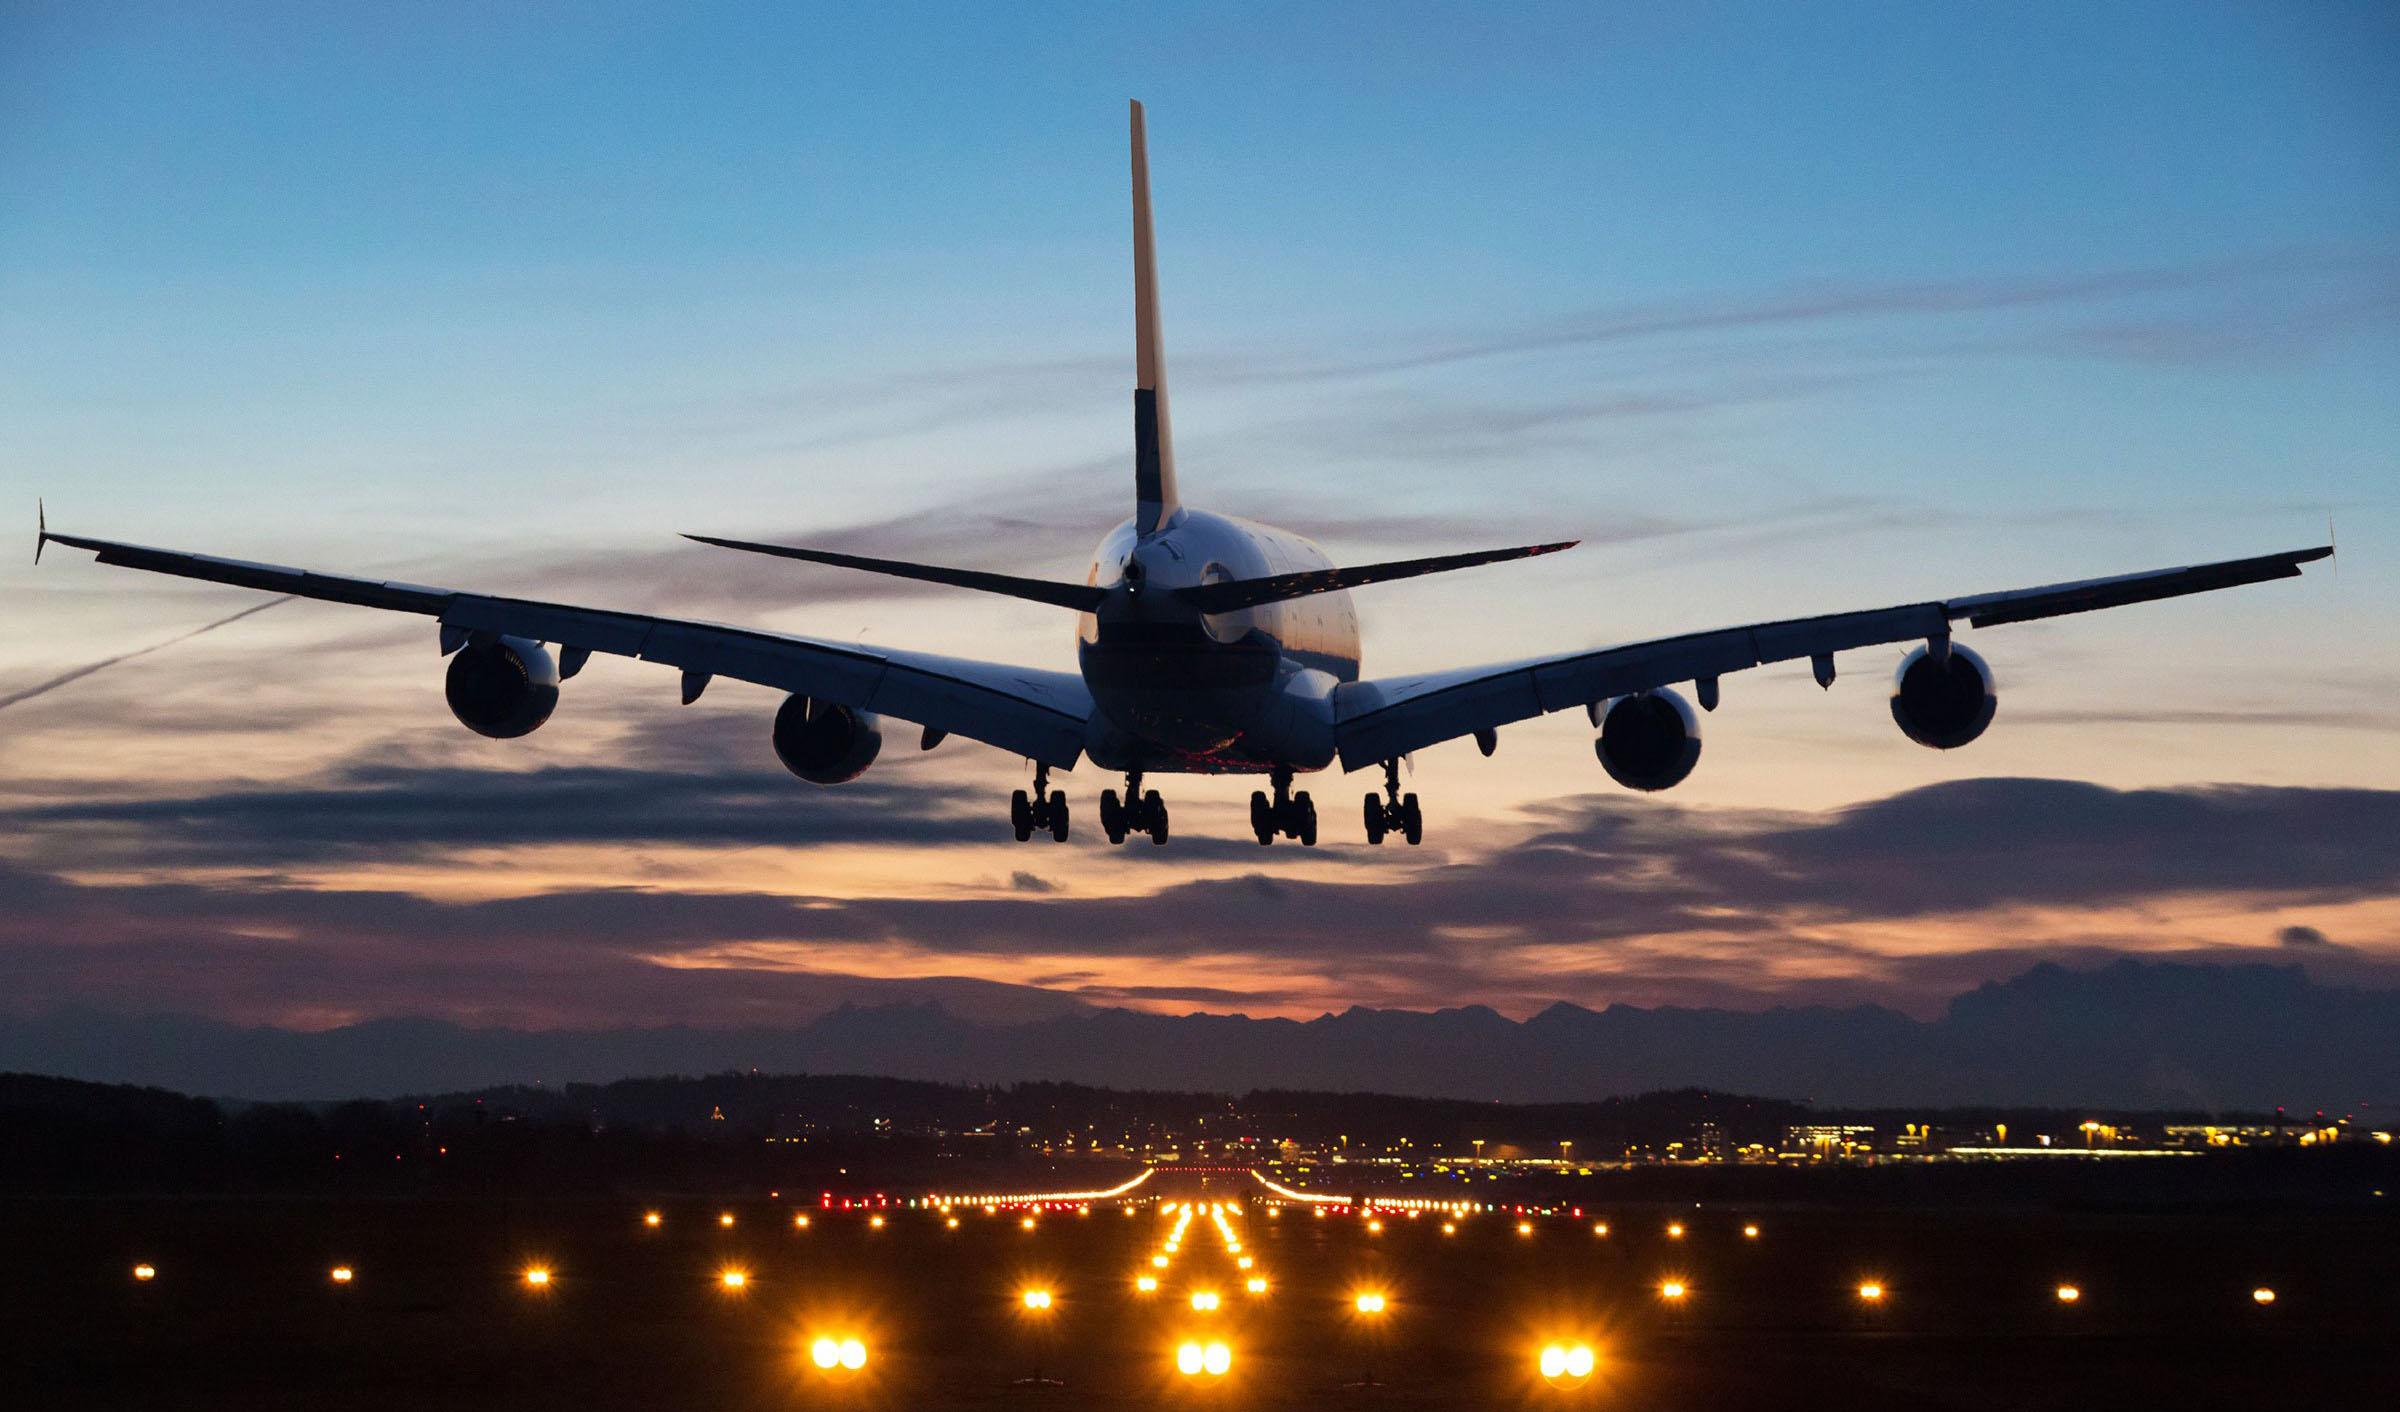 تعیین تکلیف نرخ بلیت هواپیما تا هفته آینده